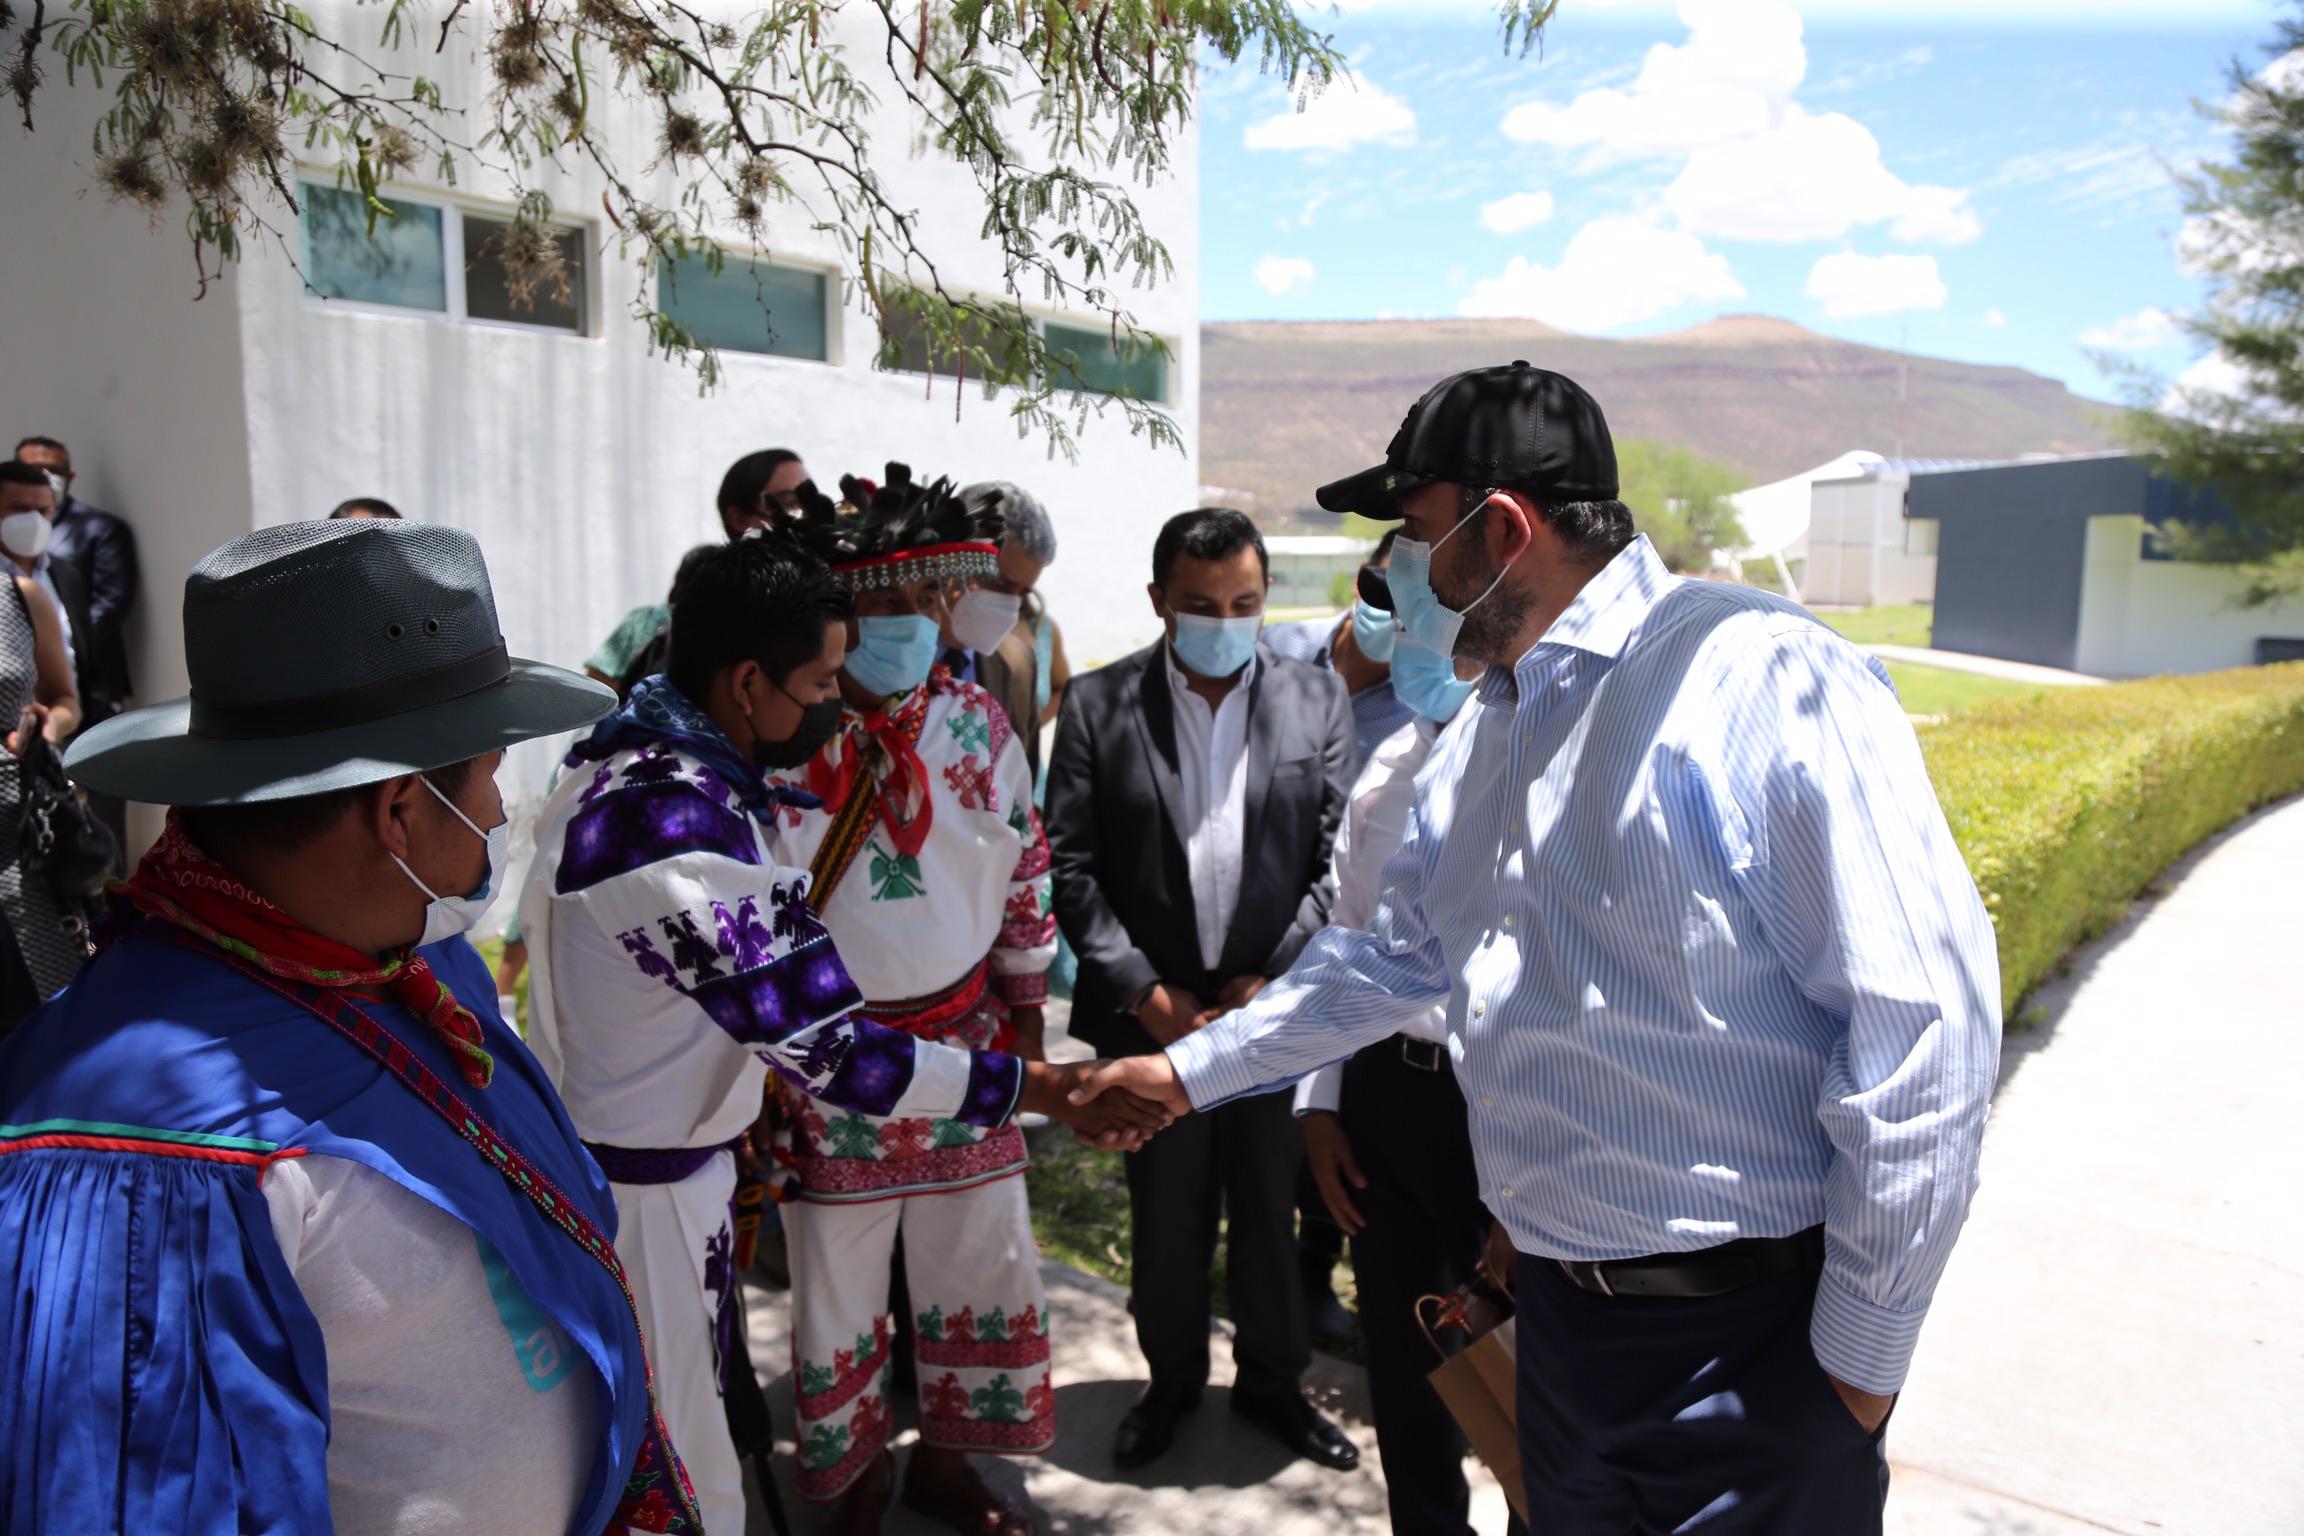 Con una inversión en infraestructura física, este plantel ayudó a prevenir contagios por COVID-19 en el norte de Jalisco y sur de Zacatecas